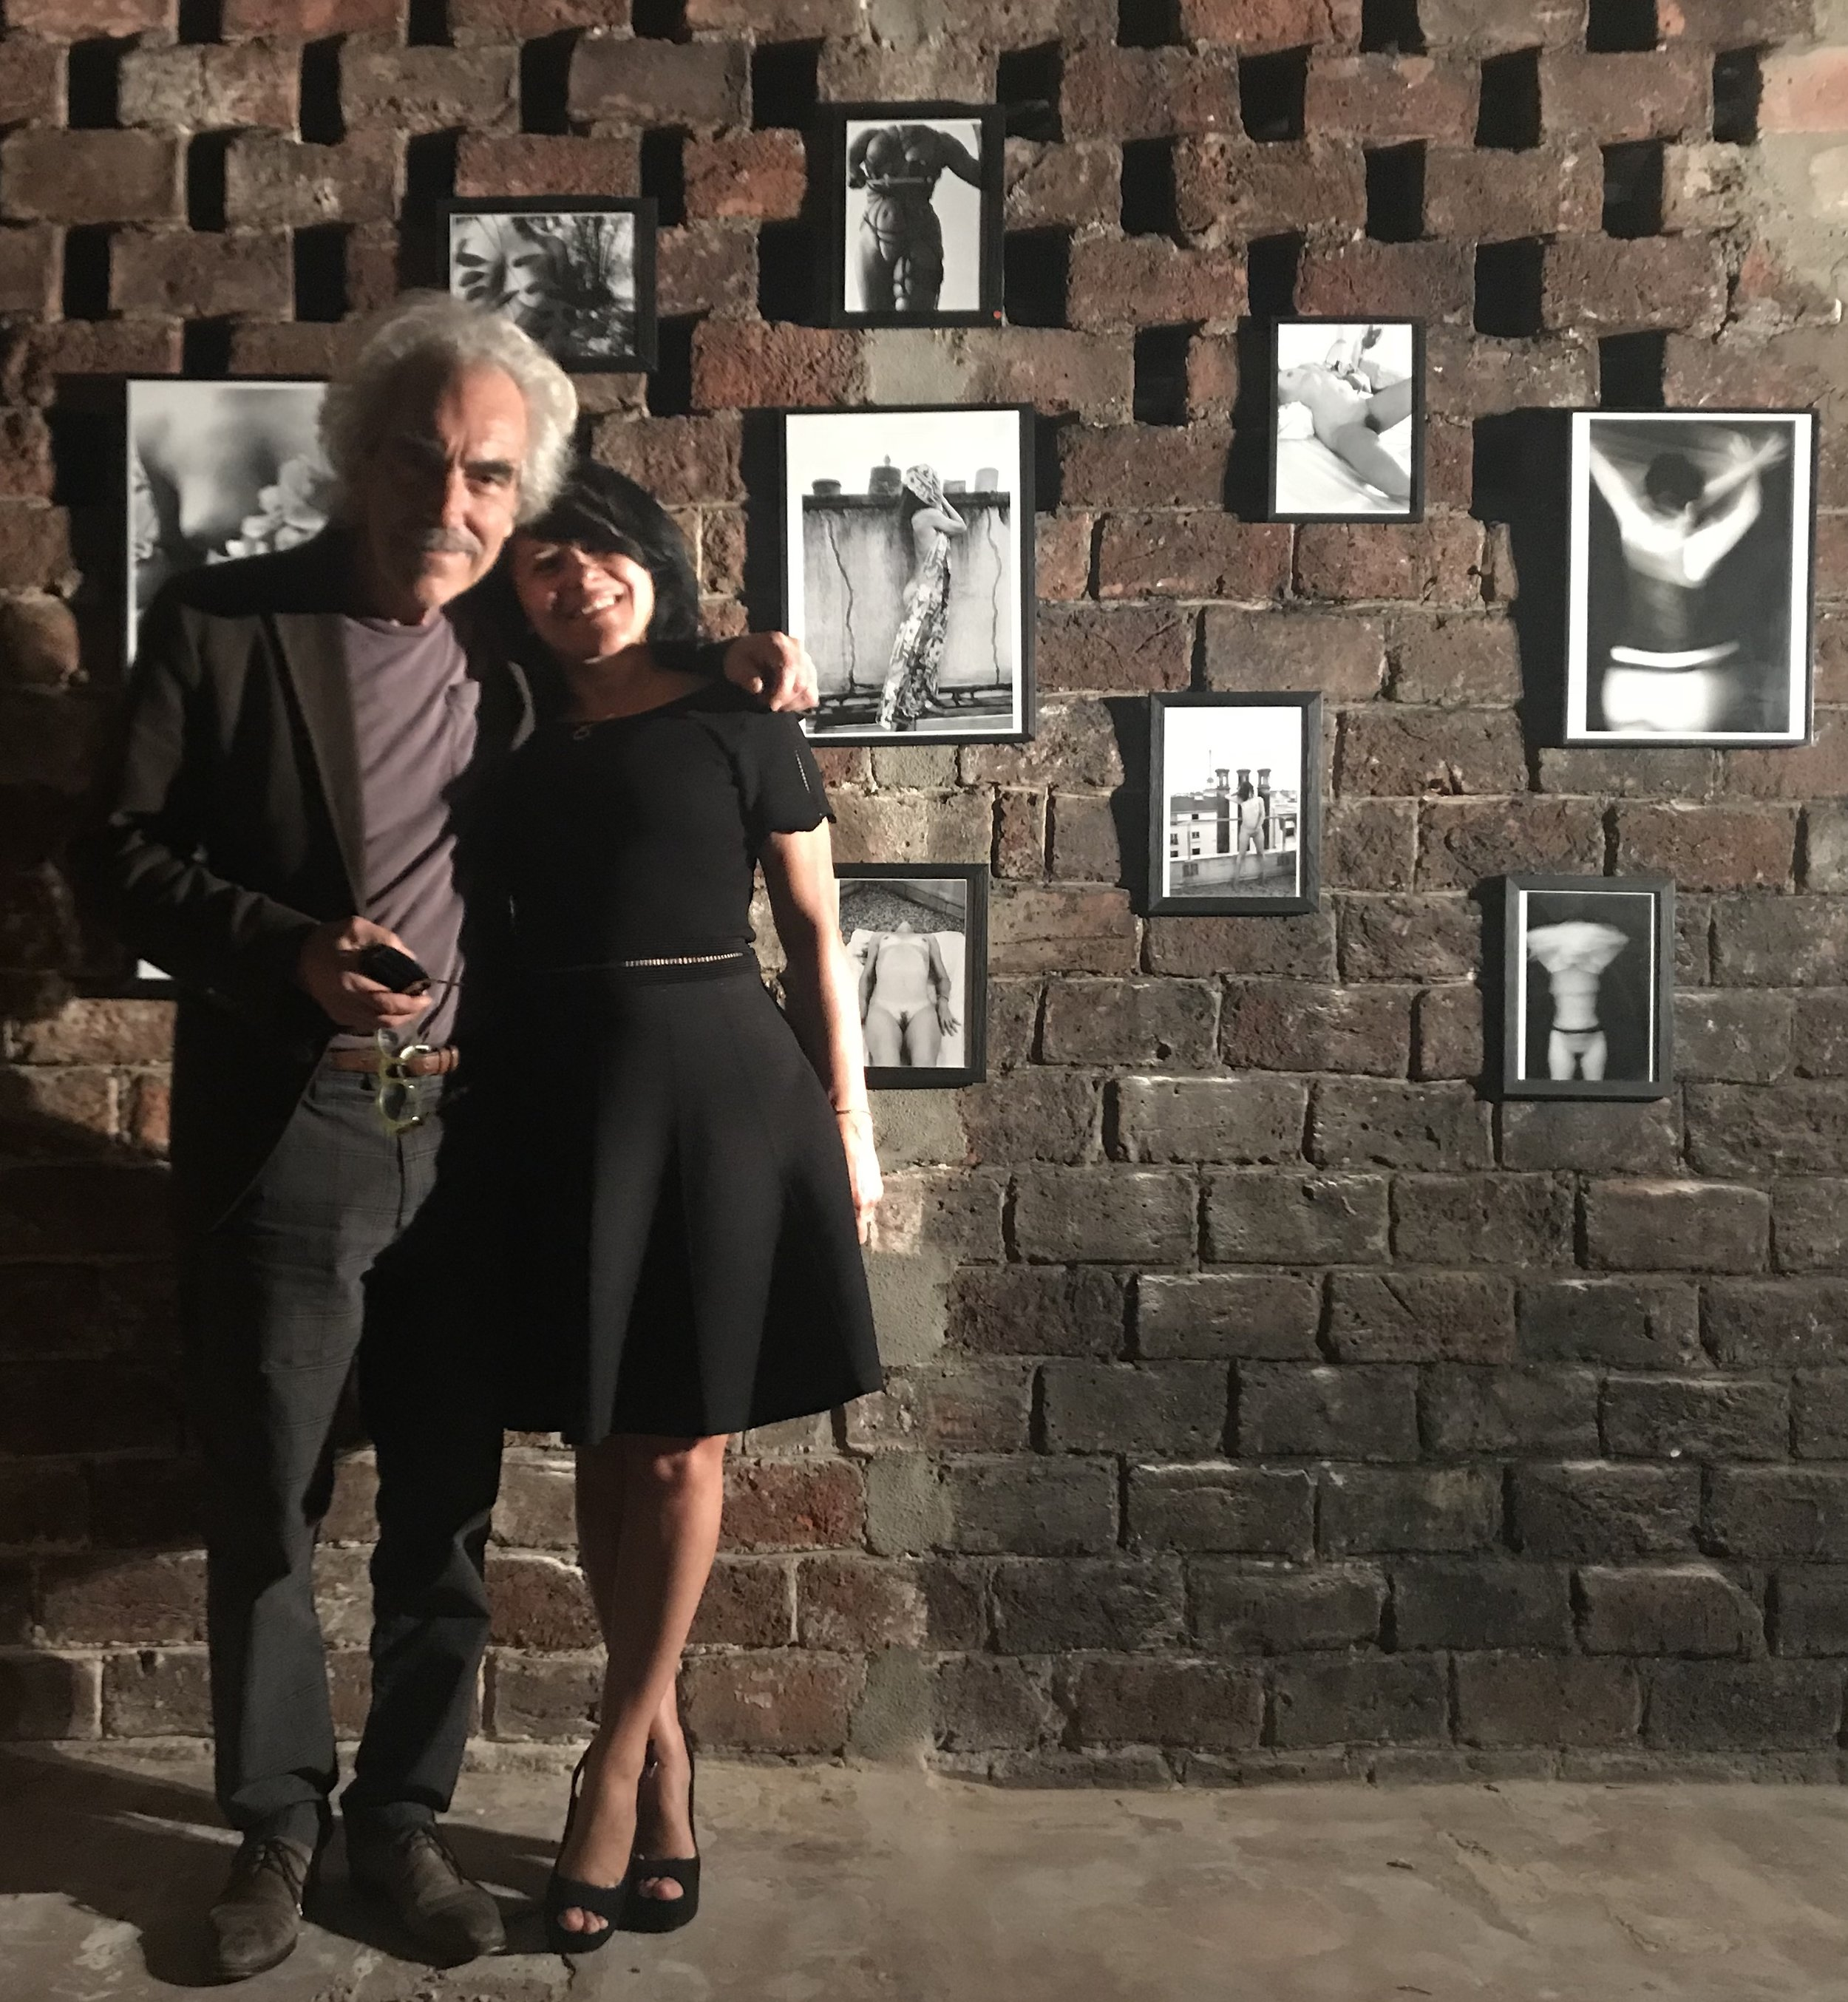 Gilbert Peyre, l'artiste magicien que j'admire a eu des mots sur mes photos qui m'ont remplie de joie !